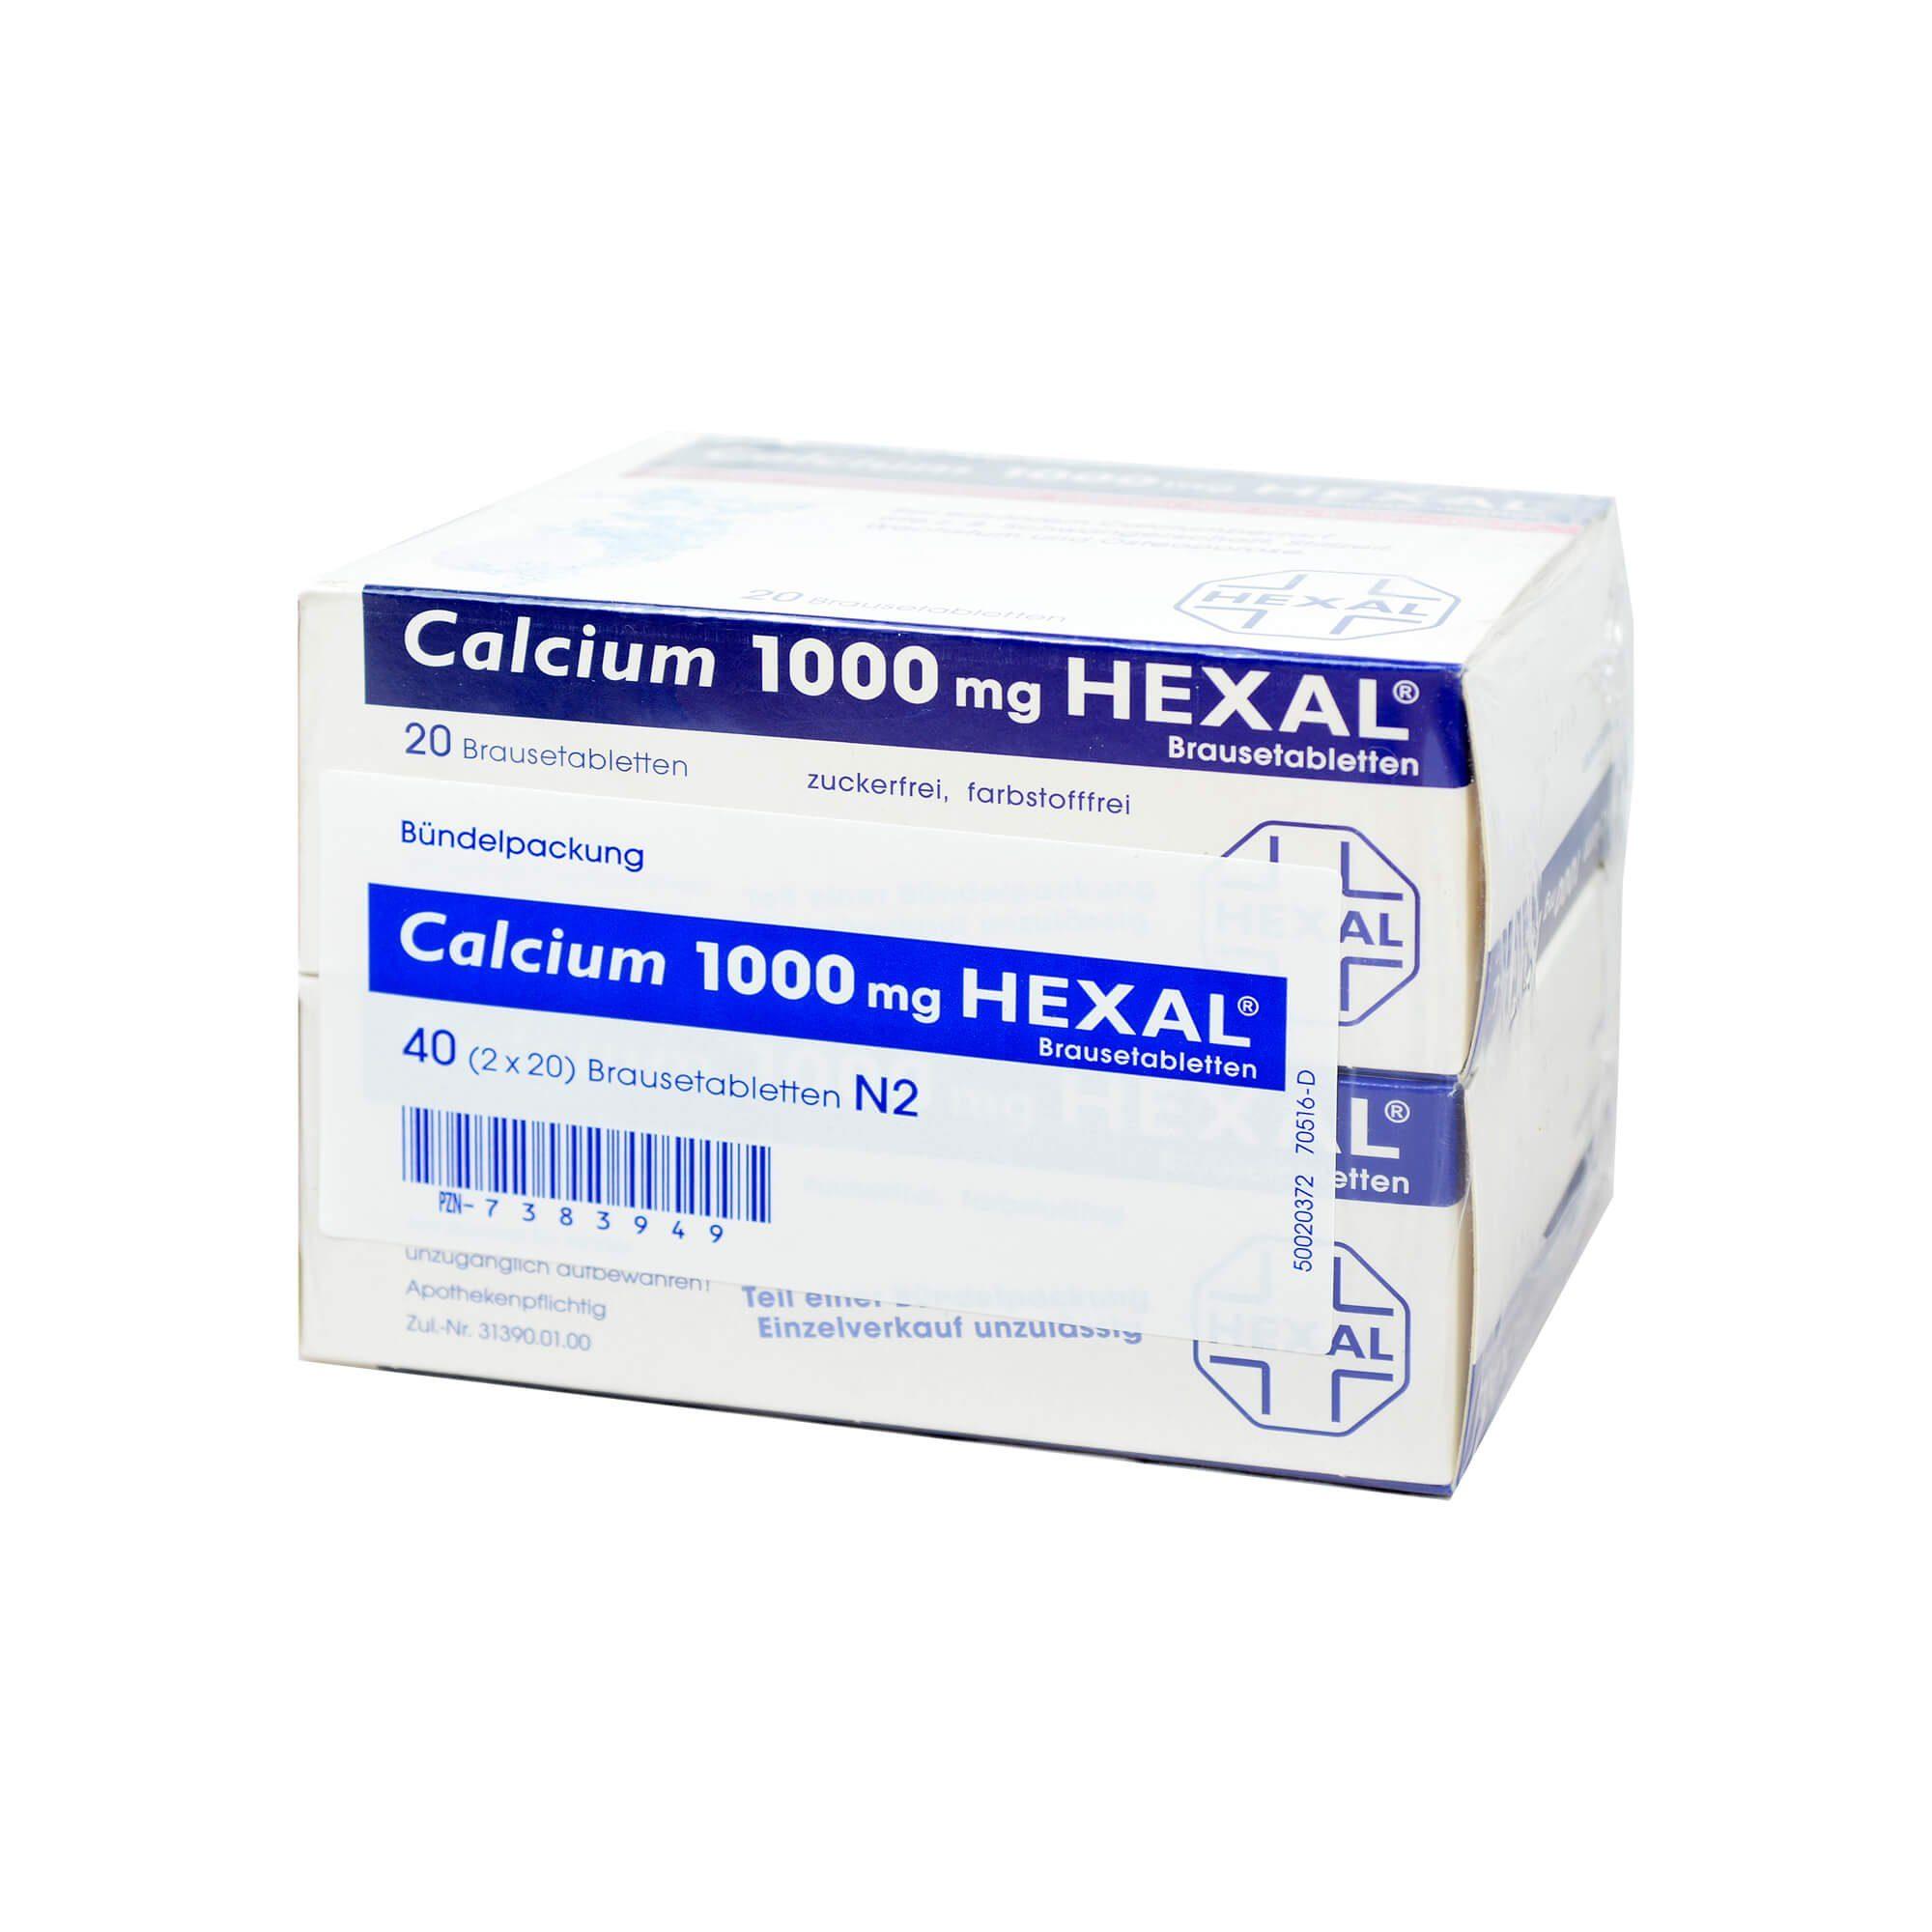 Calcium 1000 Hexal, 40 St